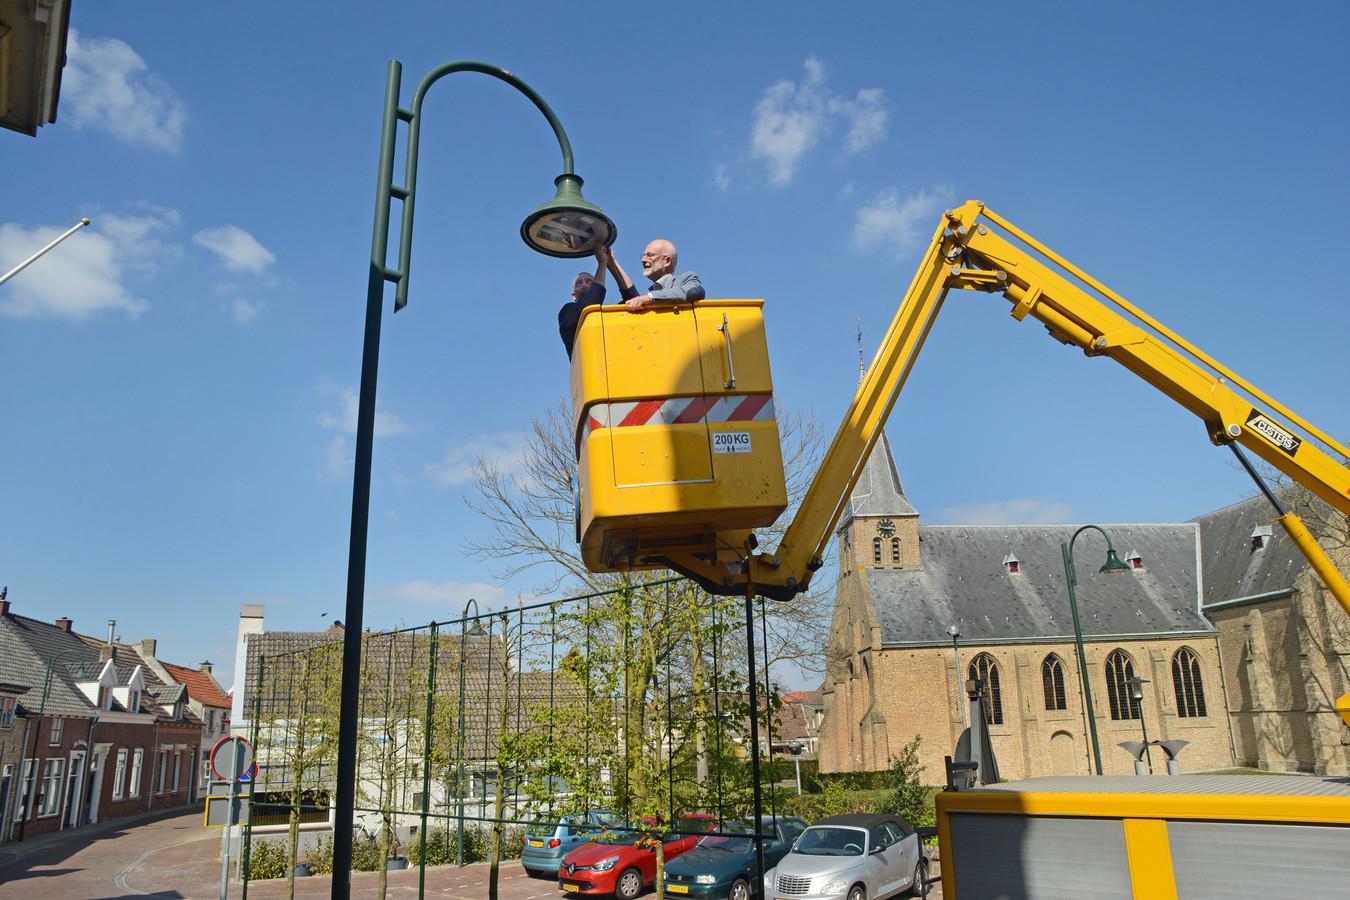 Op het Raadhuisplein in Oud-Vossemeer werd de eerste led-lamp vervangen door wethouder Jan Harmsen.